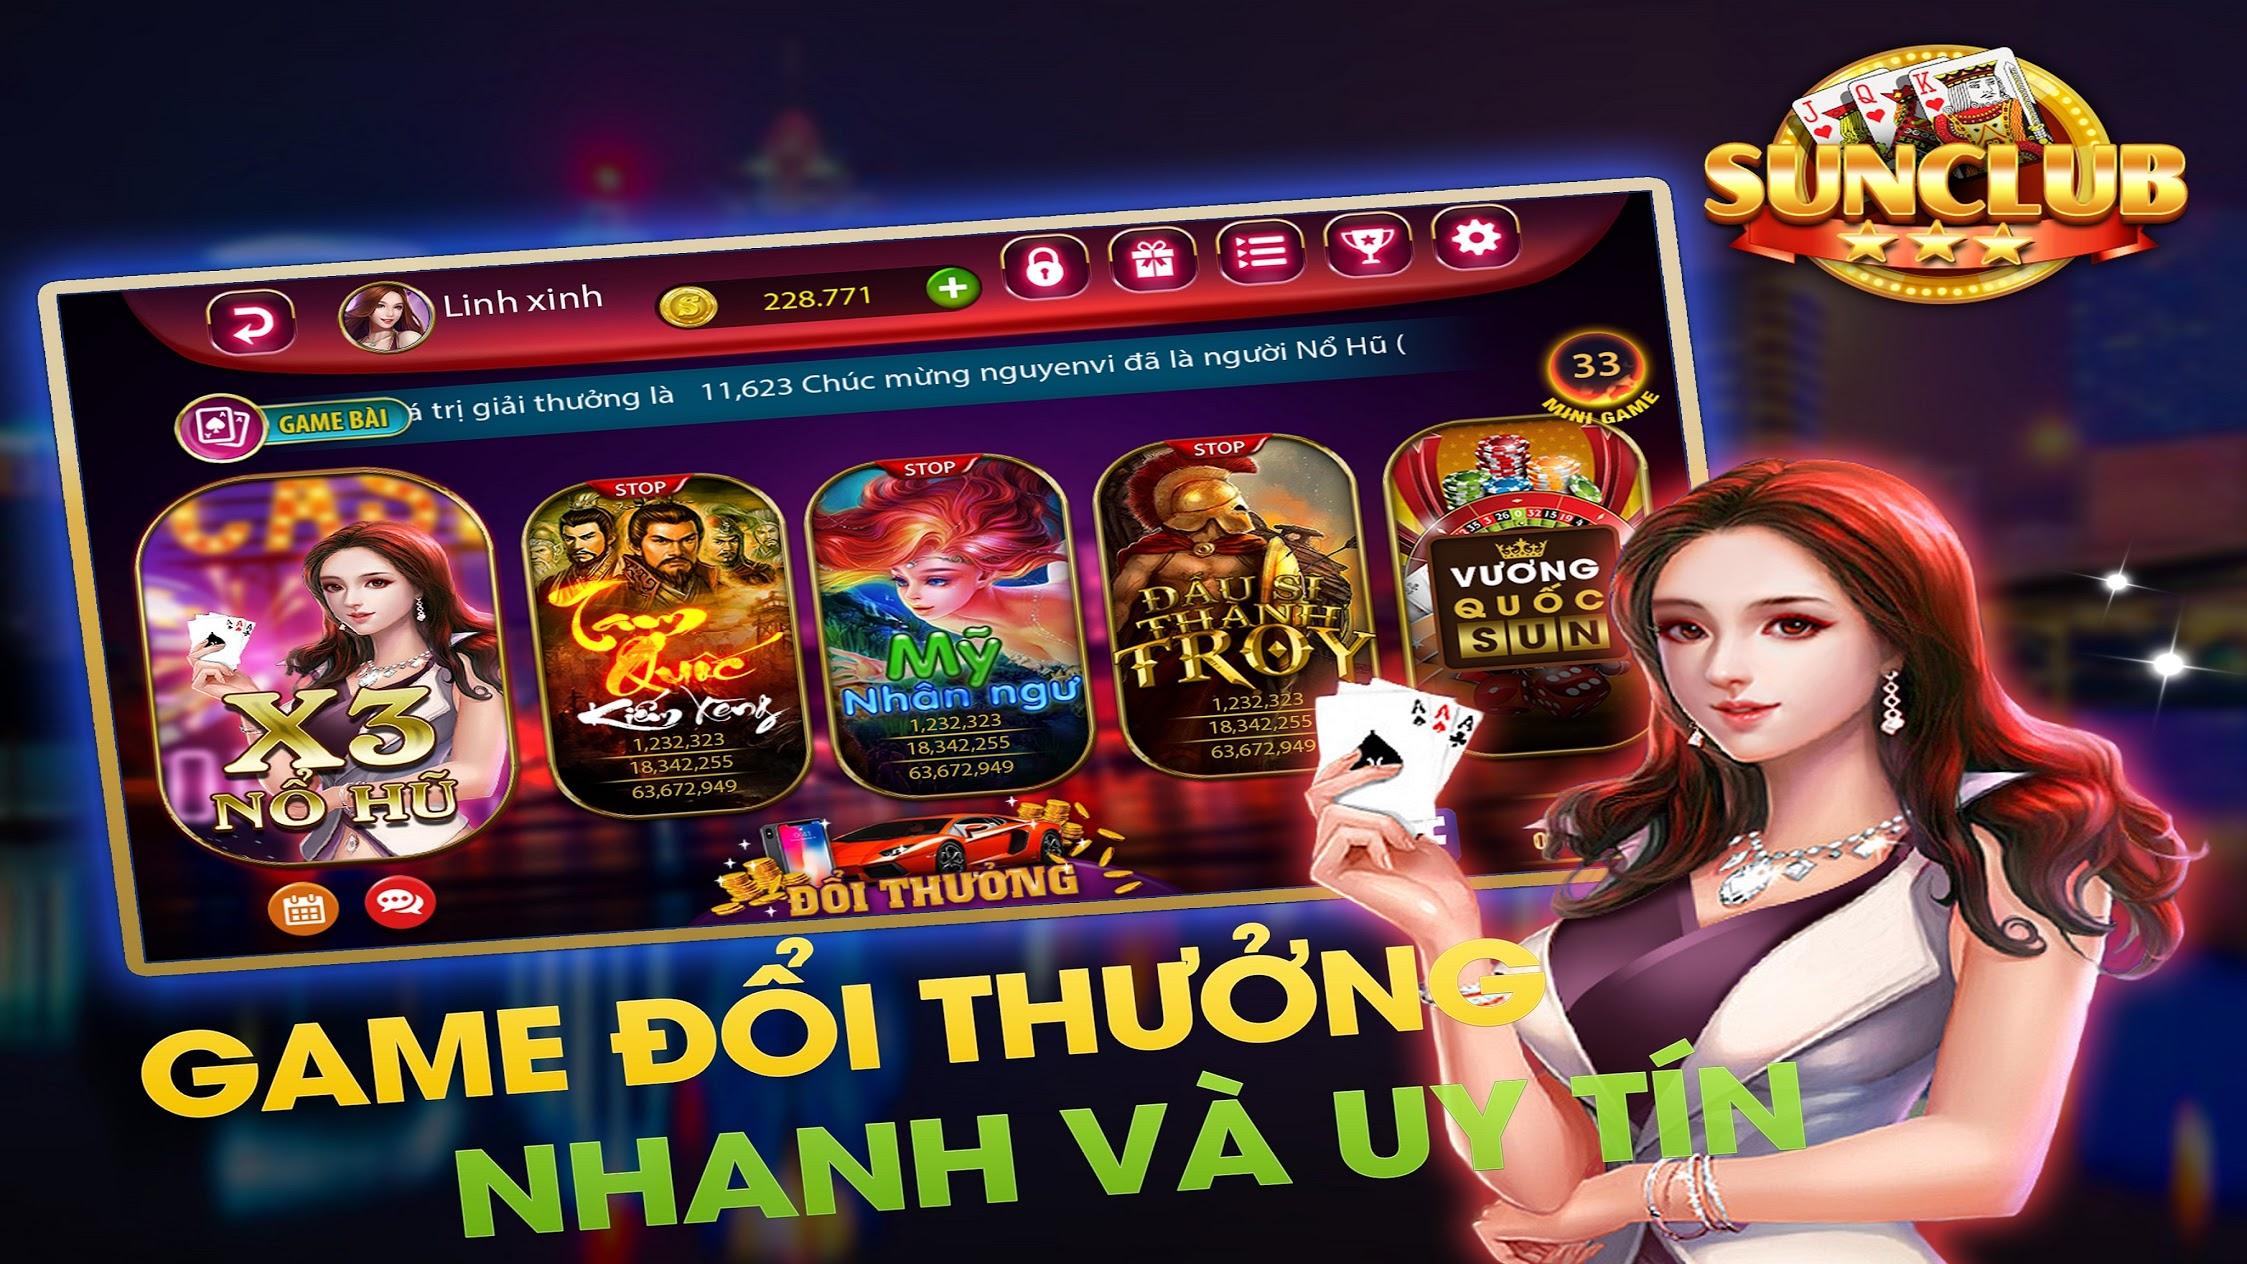 Hình ảnh 2666 2 2 in Sun Club chơi game chất lượng đổi thưởng liền tay